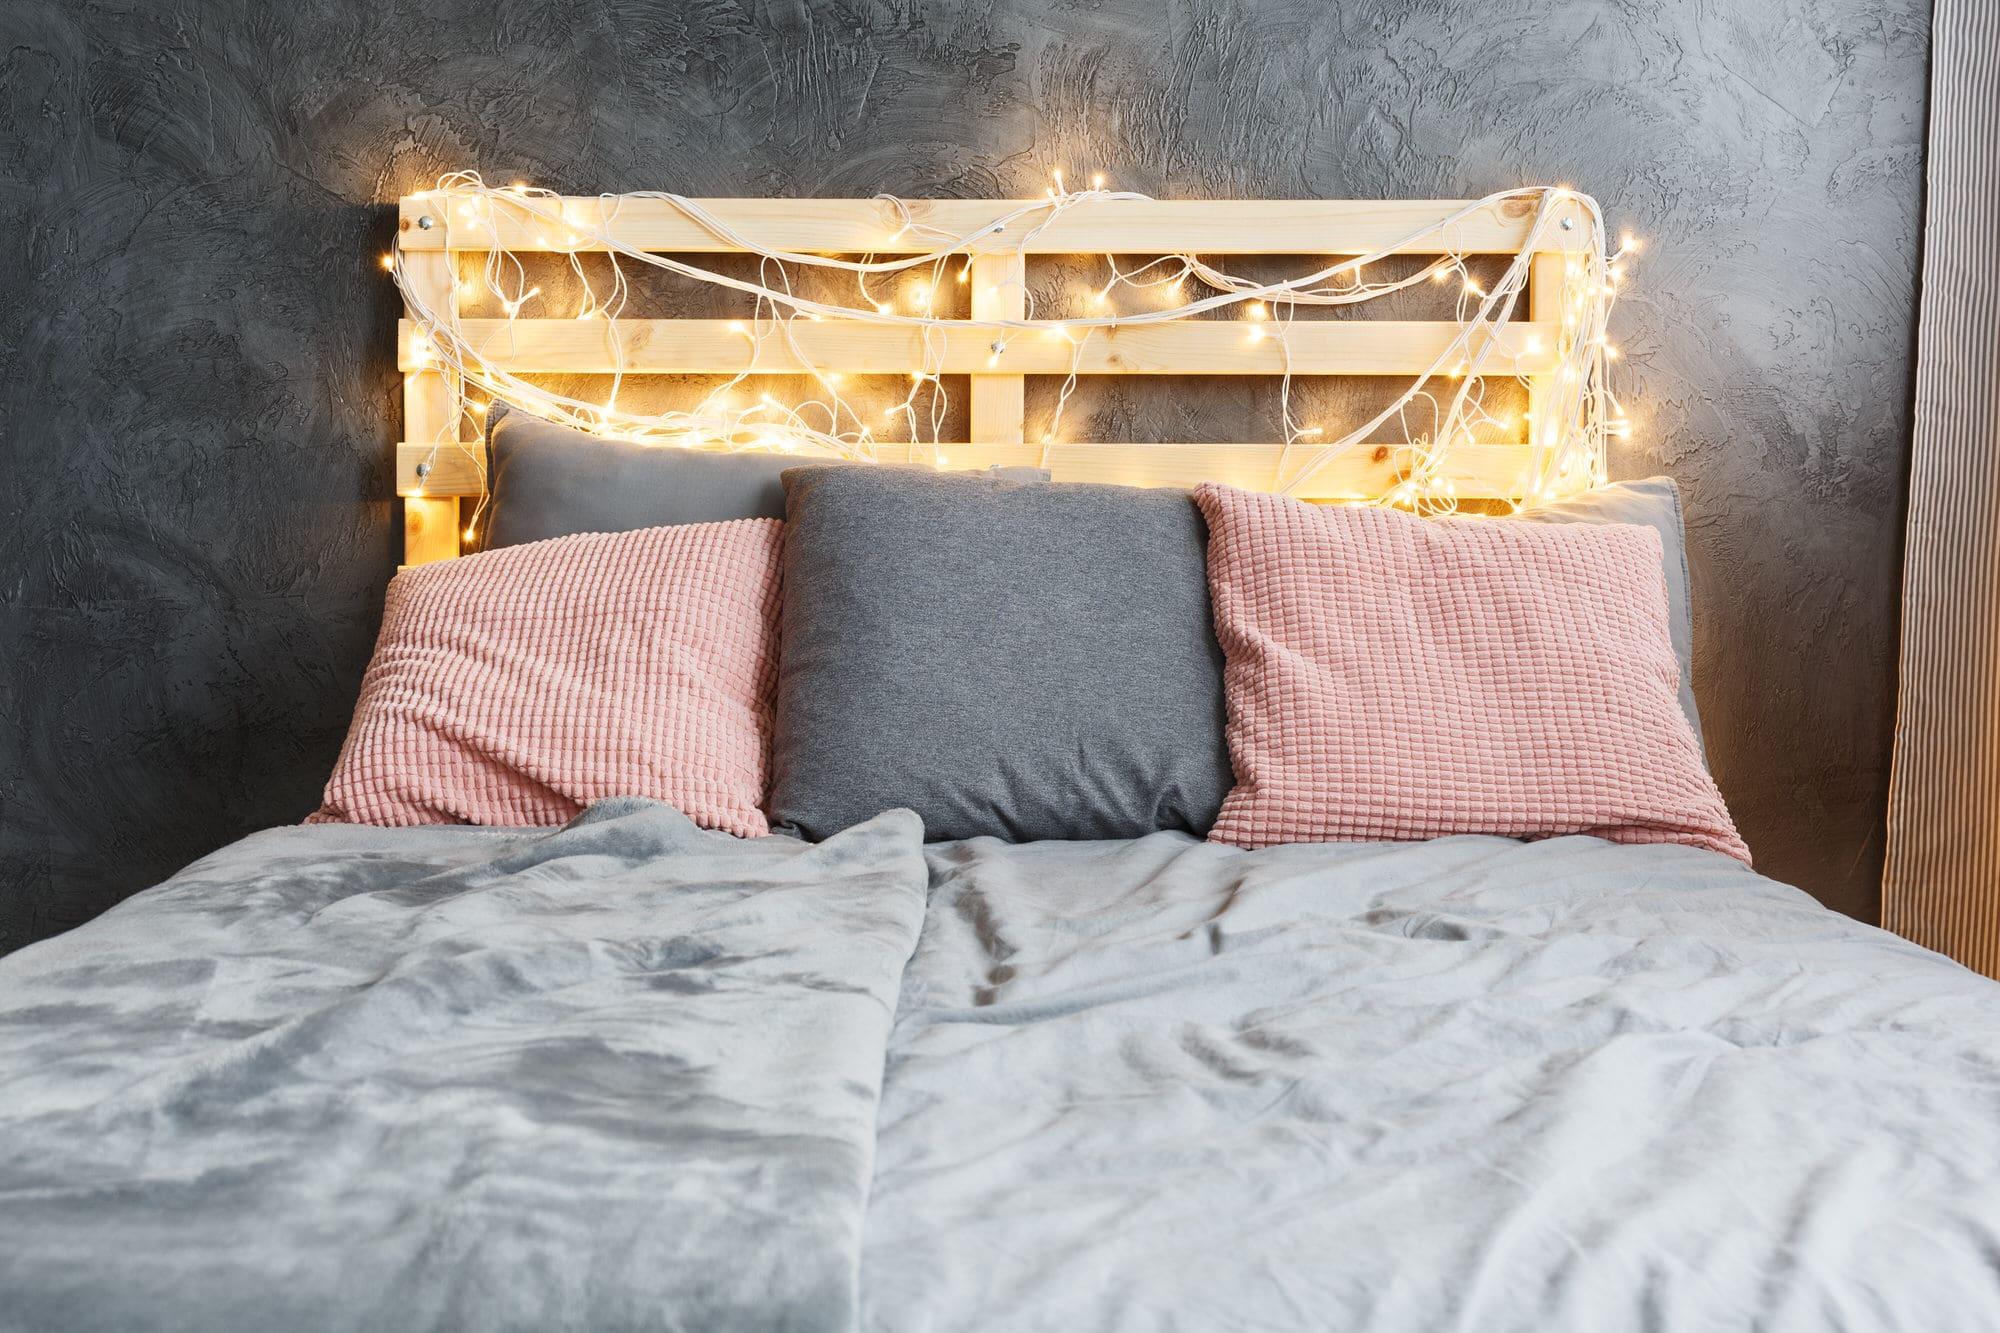 Full Size of Einfaches Bett Selber Bauen So Einfach Geht Es Heimhelden Billige Betten Tempur Weißes 90x200 80x200 Kingsize Für übergewichtige Boxspring 140x200 Weiß Wohnzimmer Einfaches Bett Selber Bauen